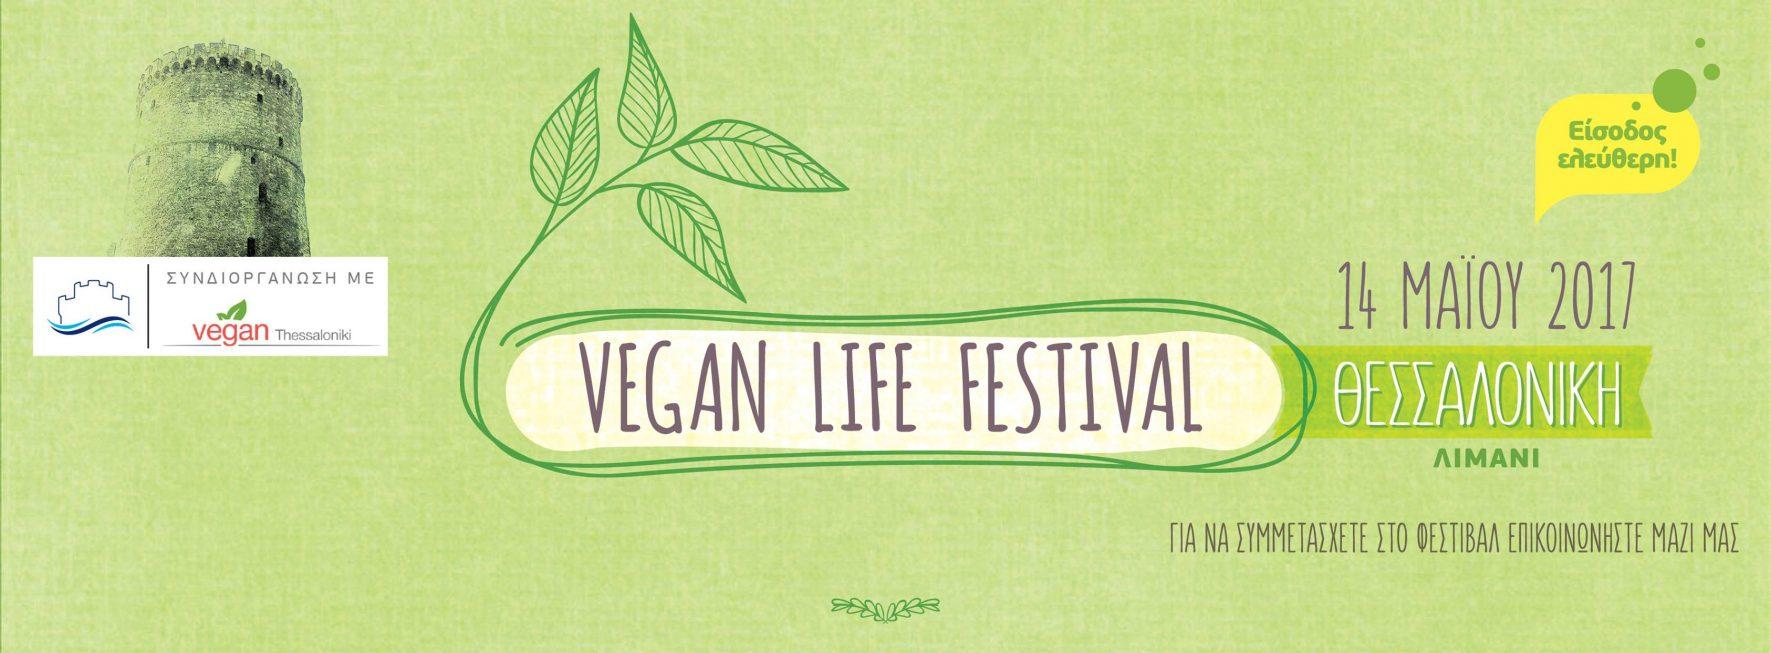 Vegan Life Festival 2017